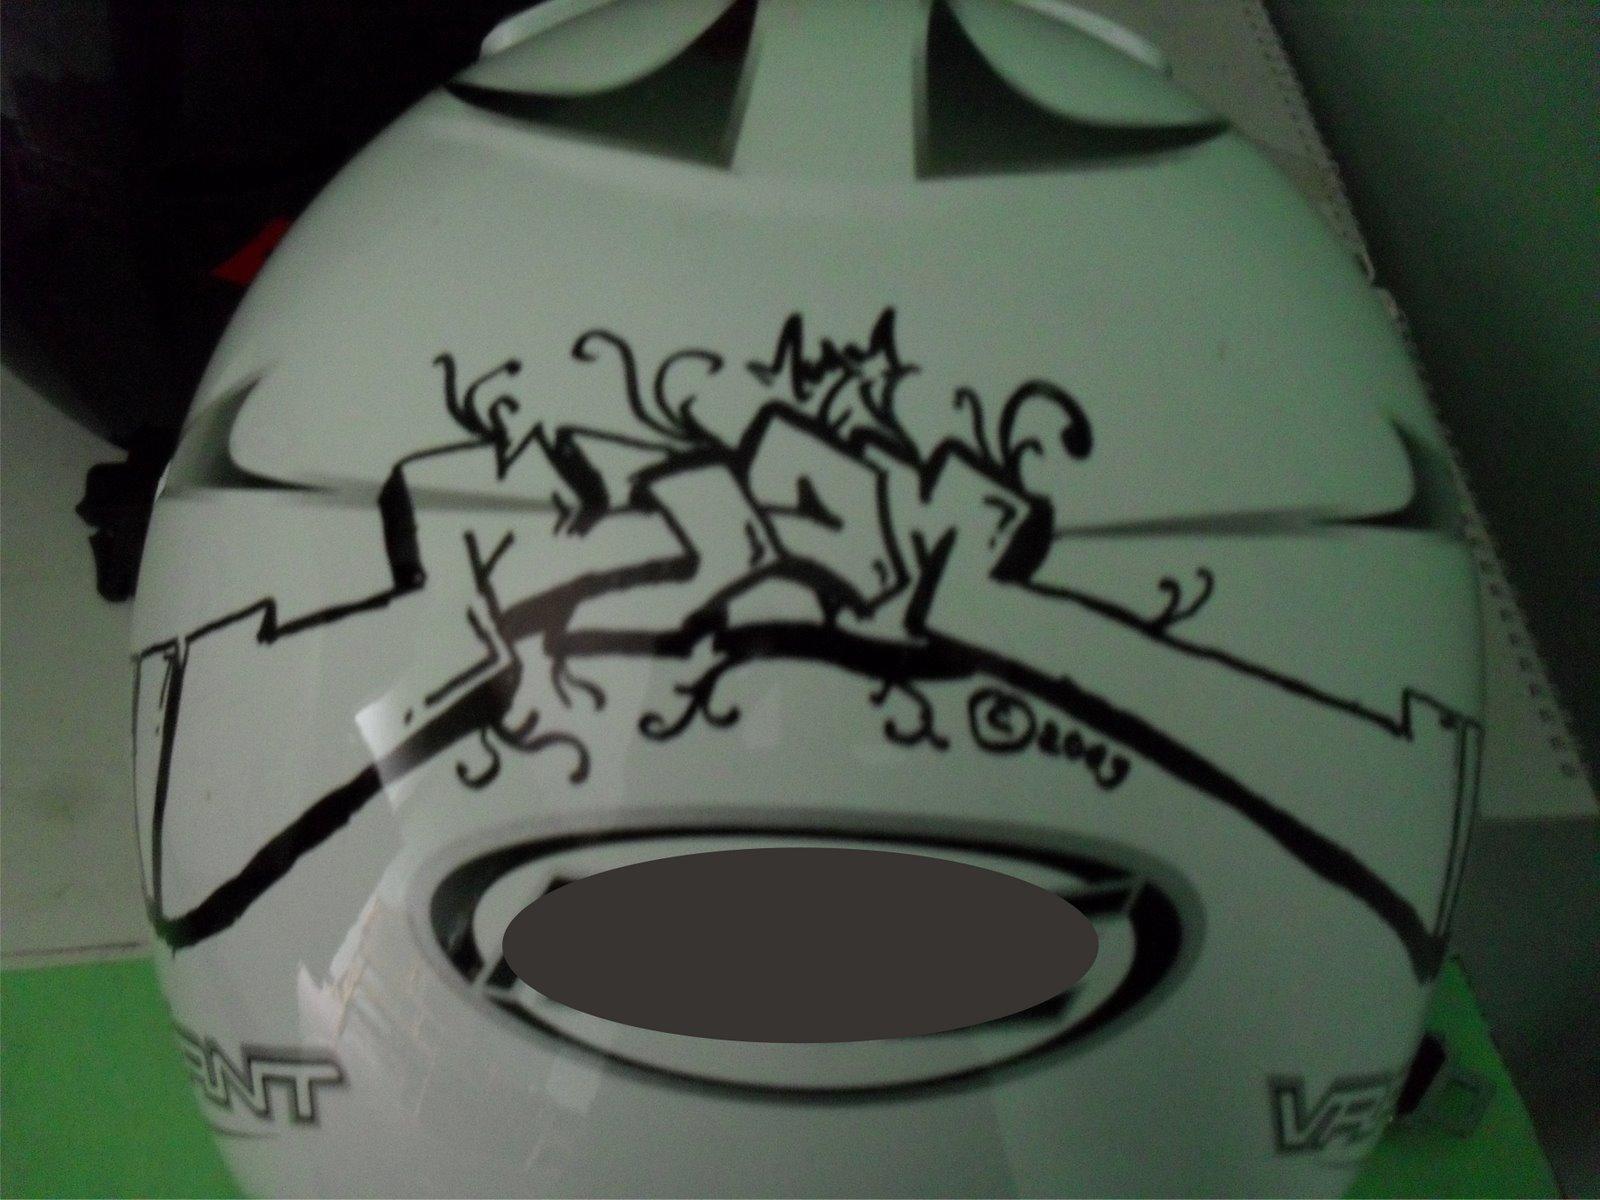 Download 42 Koleksi Gambar Grafiti Di Helm Keren Gratis HD